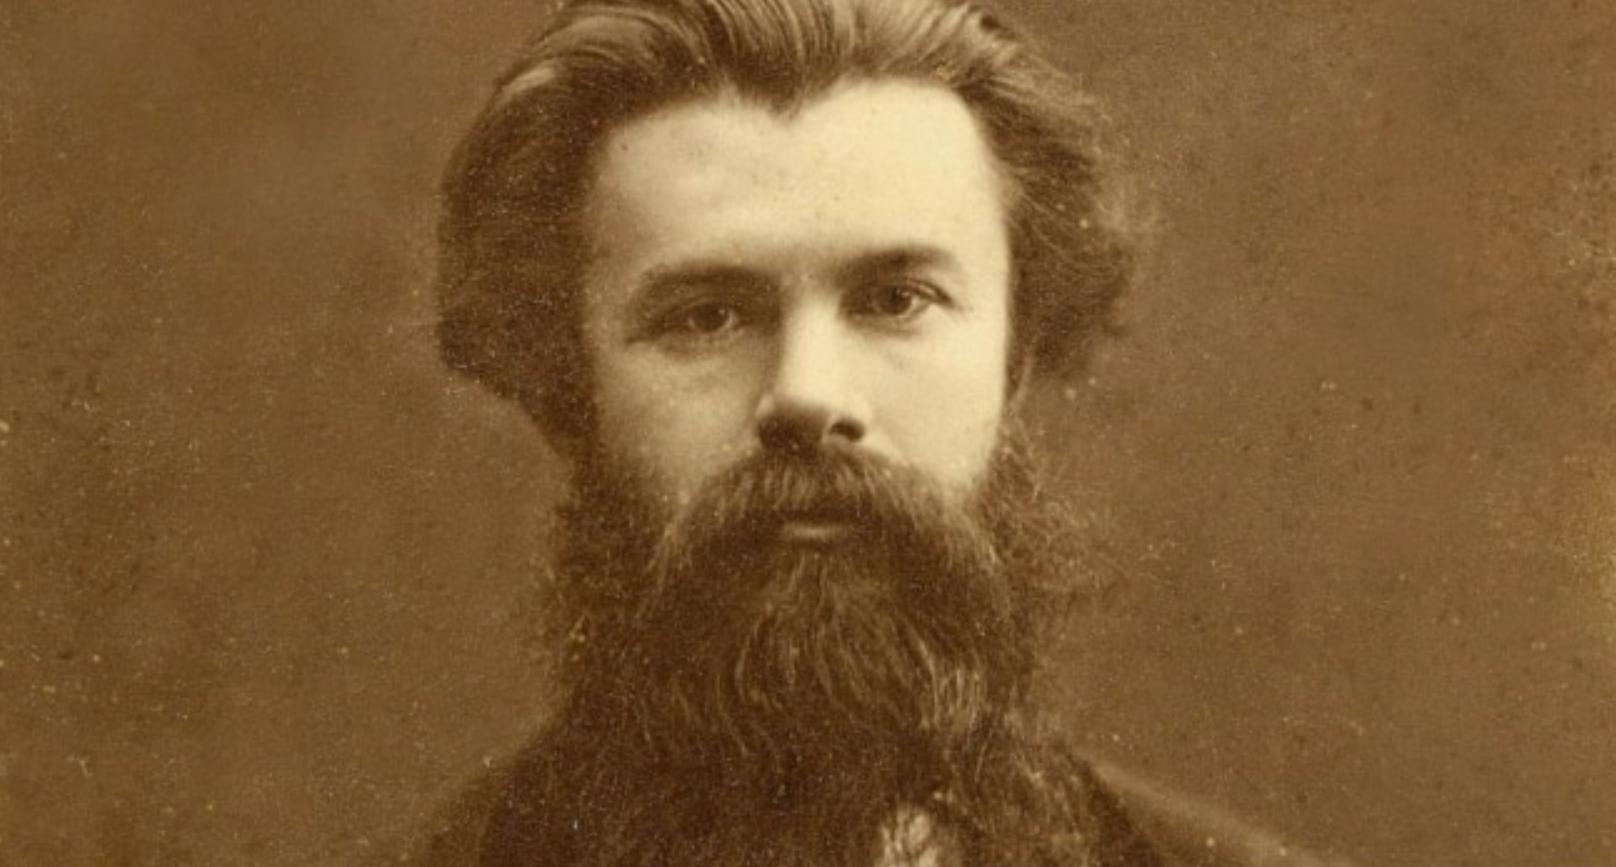 """Биографы Леси Украинки пишут, что она считала своего дядю Михаила Драгоманова """"идеалом"""". Фото 1870-х годов."""